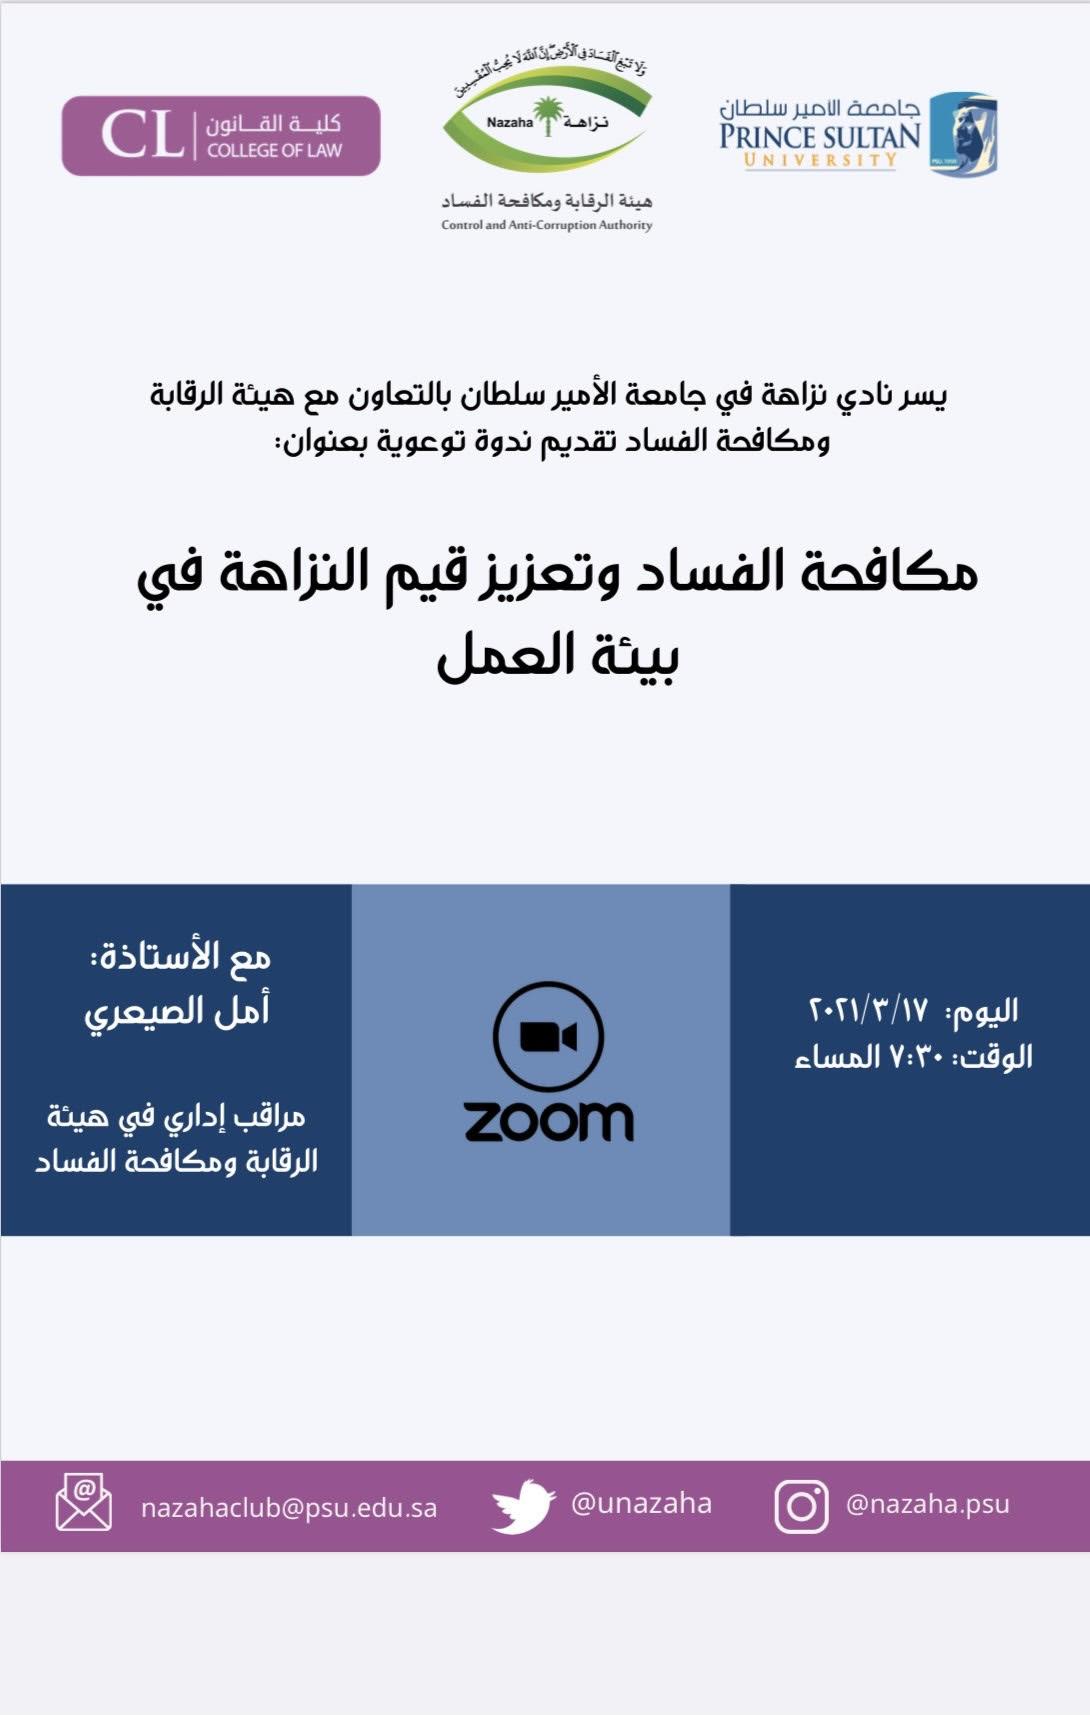 """ندوة توعوية بعنوان """"مكافحة الفساد وتعزيز قيم النزاهة بالعمل""""- نادي نزاهة"""